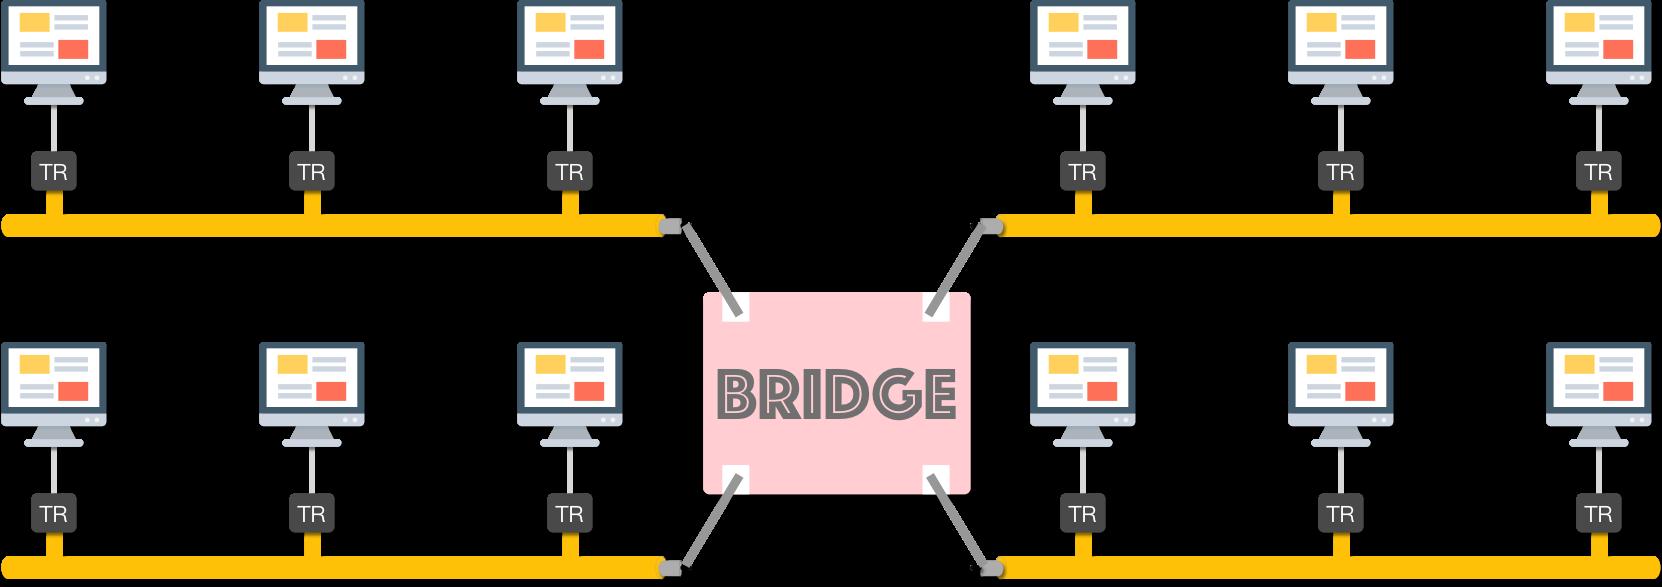 bridge-demo